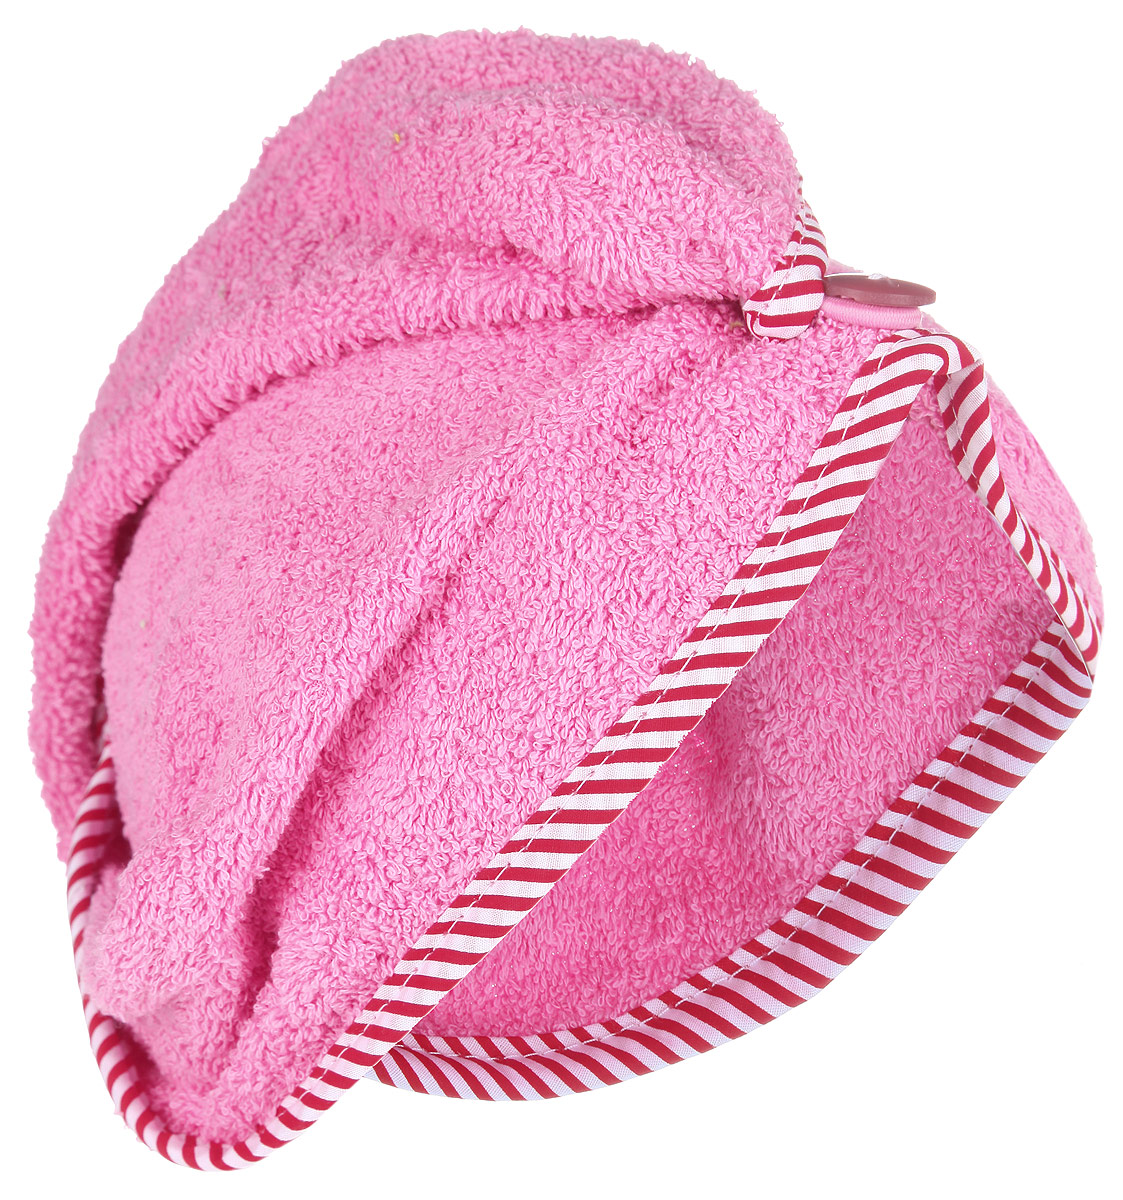 Чалма для бани и сауны Доктор Баня, цвет: розовый905002_розовыйЧалма для бани и сауны Доктор Баня, изготовленная из 100% хлопка, станет незаменимым аксессуаром для любителей попариться в русской бане и для тех, кто предпочитает сухой жар финской бани. Кроме того, чалма защитит волосы от сухости и ломкости, голову от перегрева и предотвратит появление головокружения. Такая чалма станет отличным подарком для любителей отдыха в бане или сауне. Длина: 60 см.